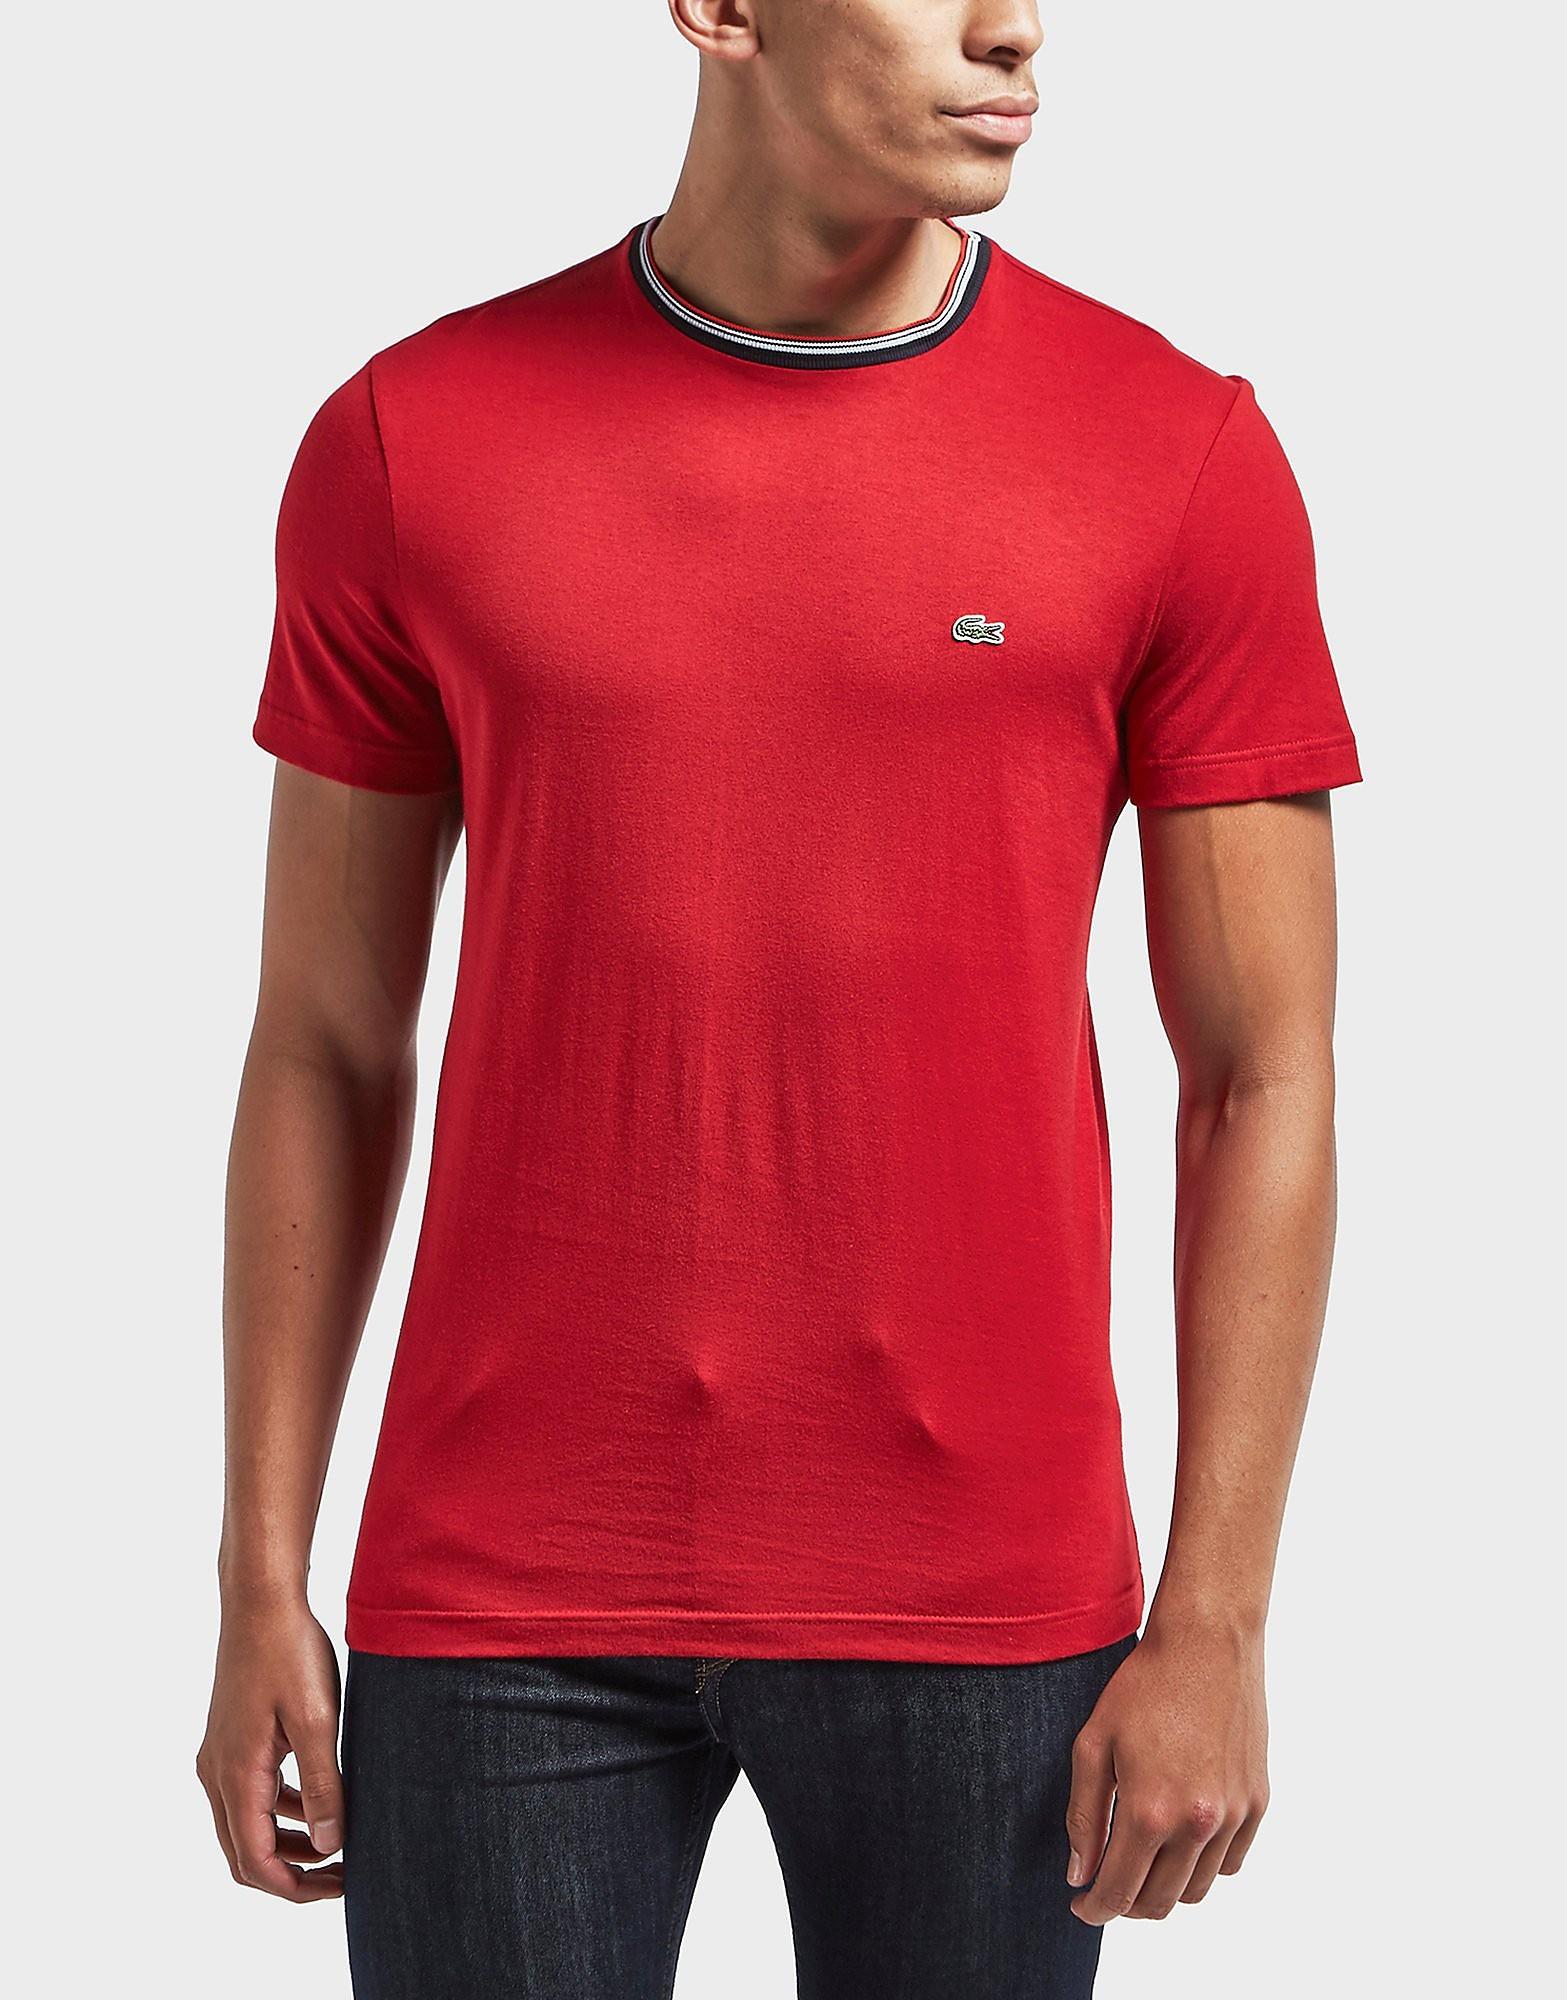 Lacoste Ringer Crew Short Sleeve T-Shirt